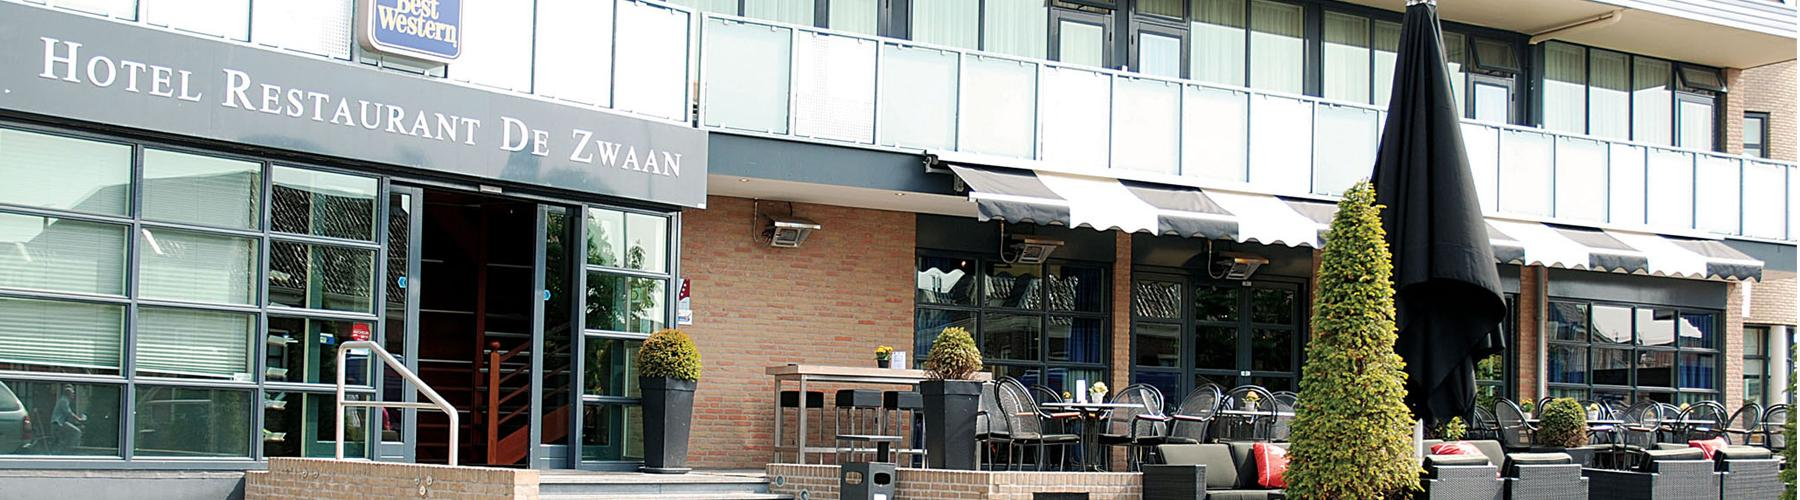 BEST WESTERN Hotel De Zwaan